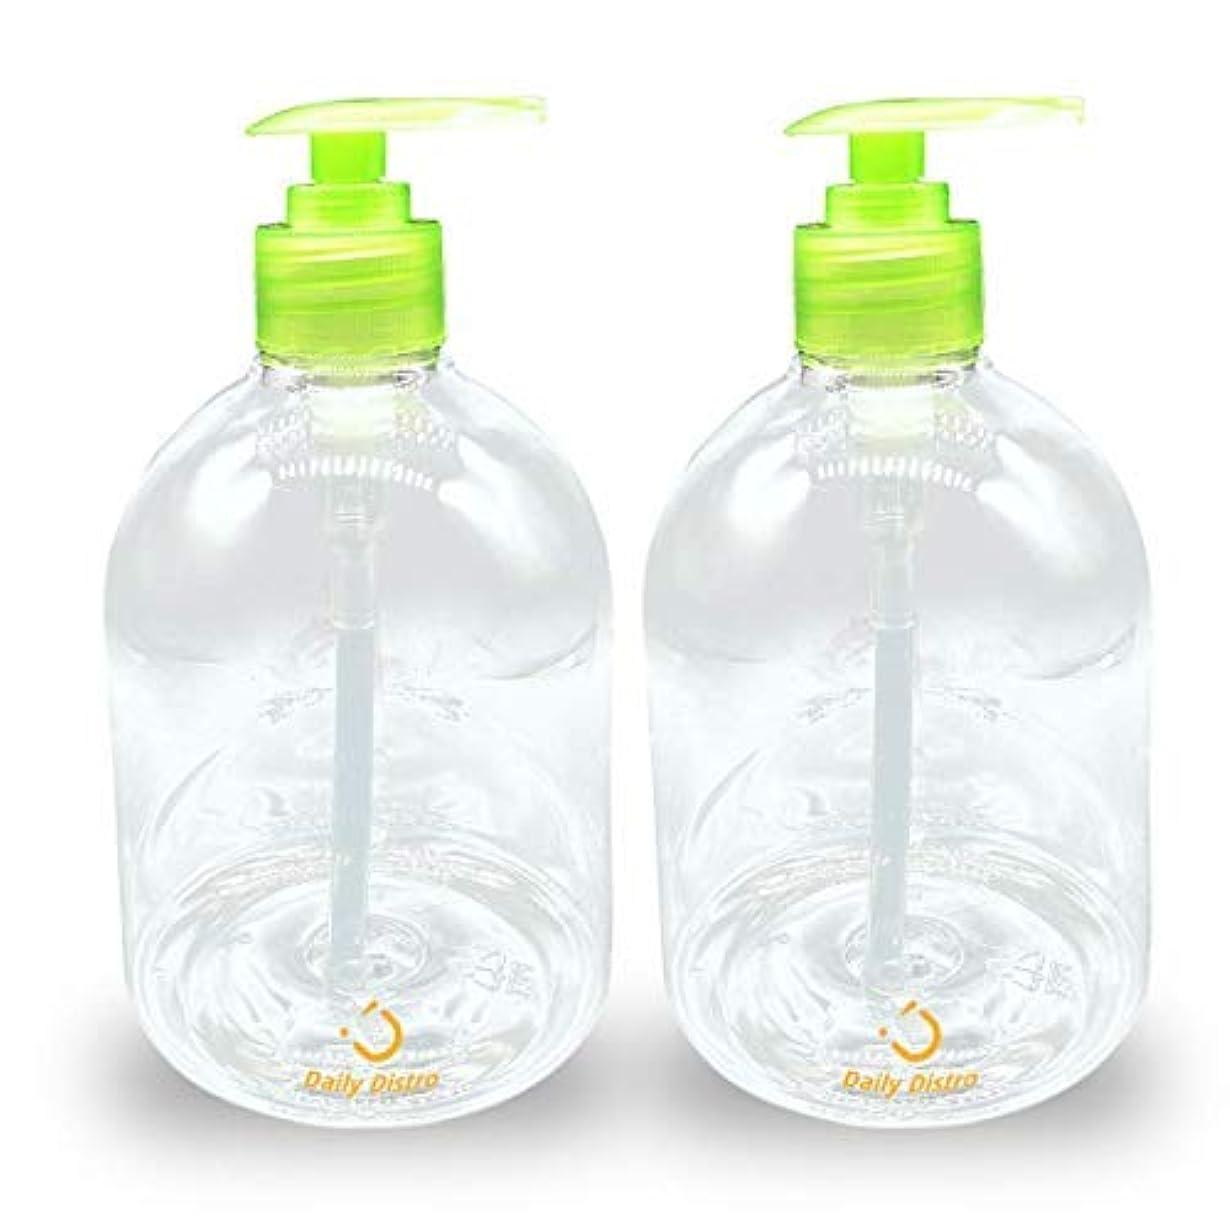 目指す経済代表団Pack of 2 Clear PET Empty Bottle with Green Pump 16-Ounce, great for Essential Oils, Lotions, Liquid Soaps [並行輸入品]